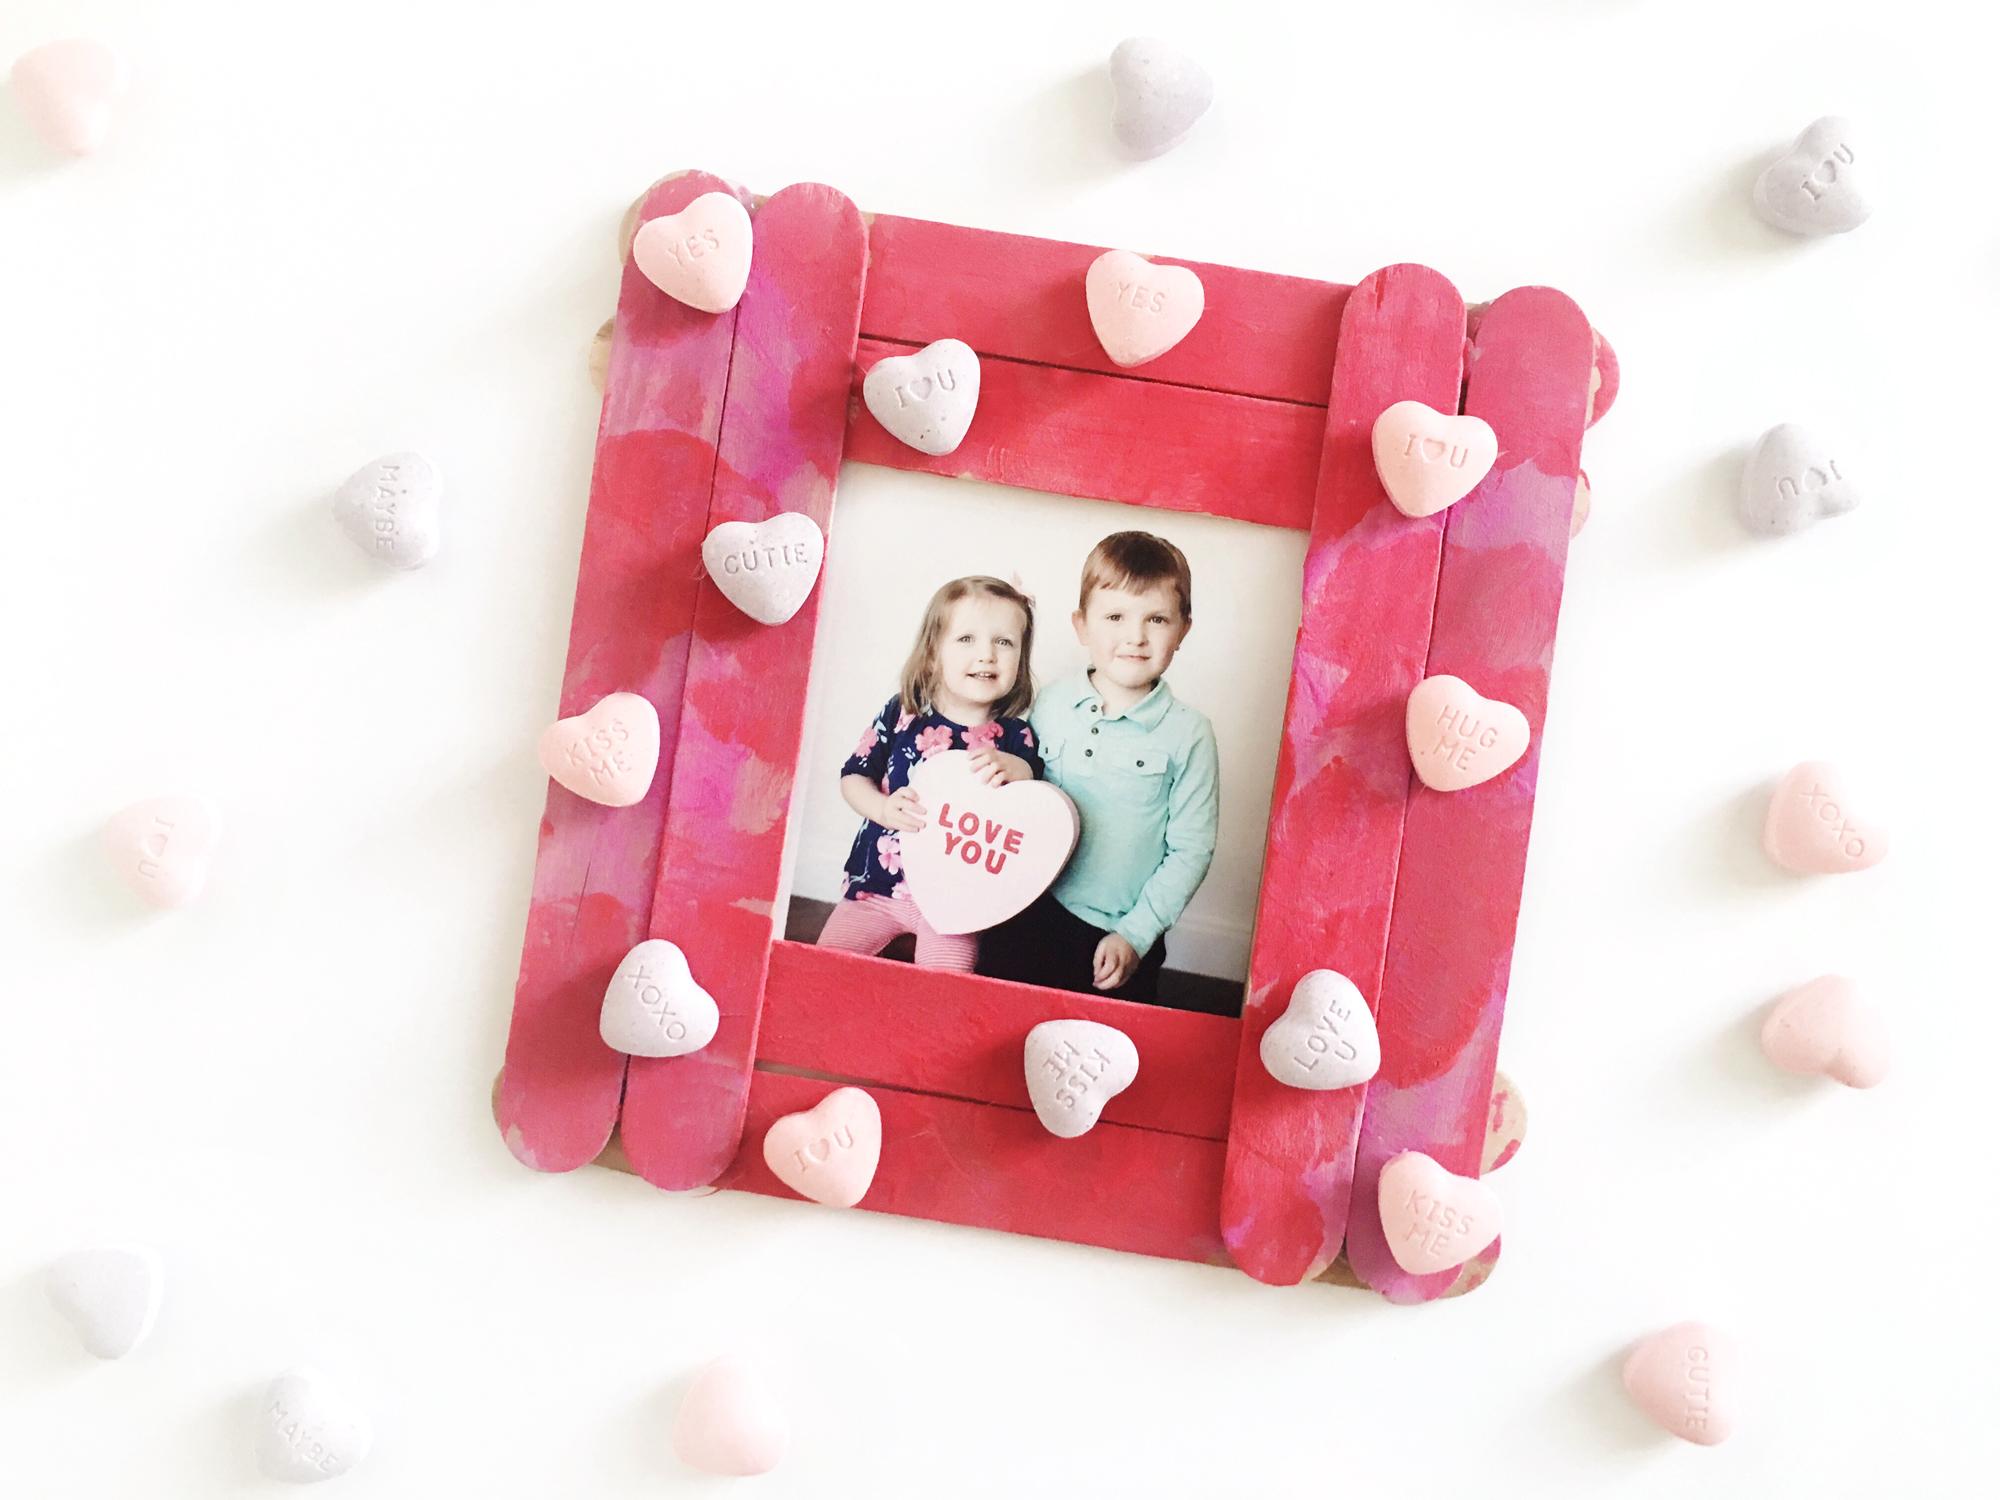 Holiday photo frame crafts Make Frames Crafts for Kids : Making Photo Frames